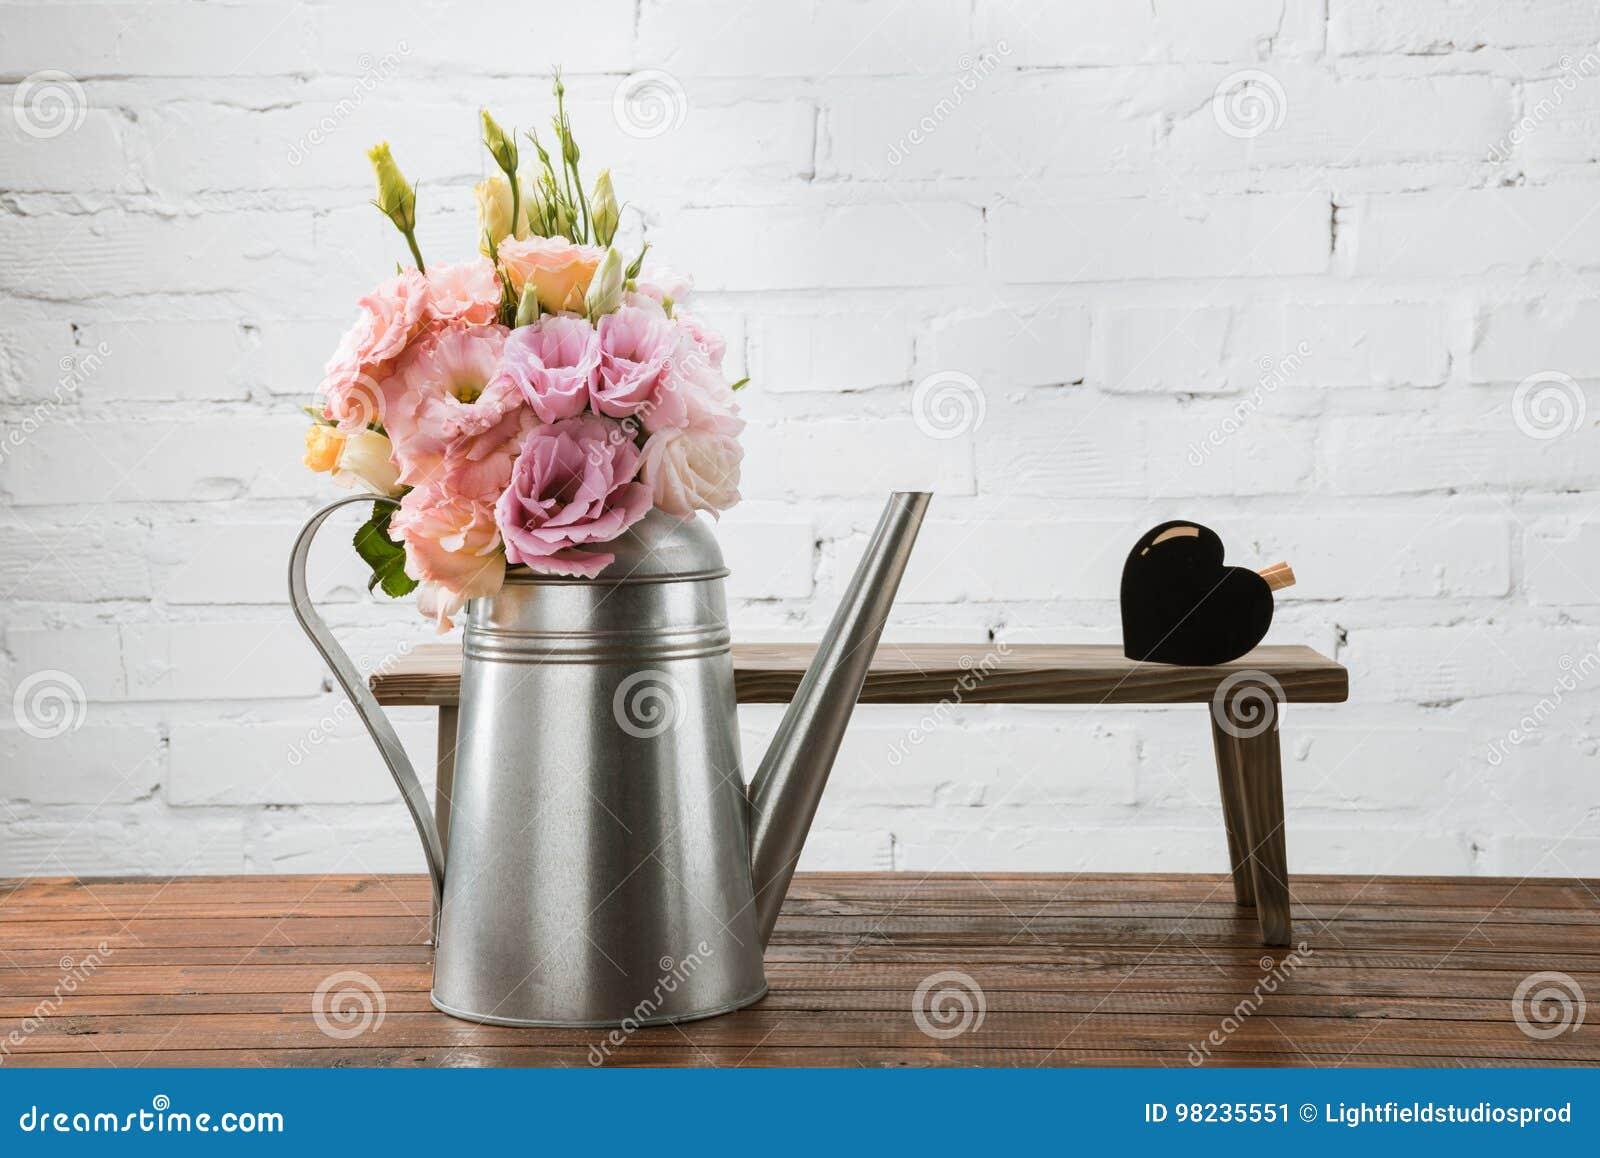 在喷壶和小长凳的嫩花与心脏标志安排了木表面上